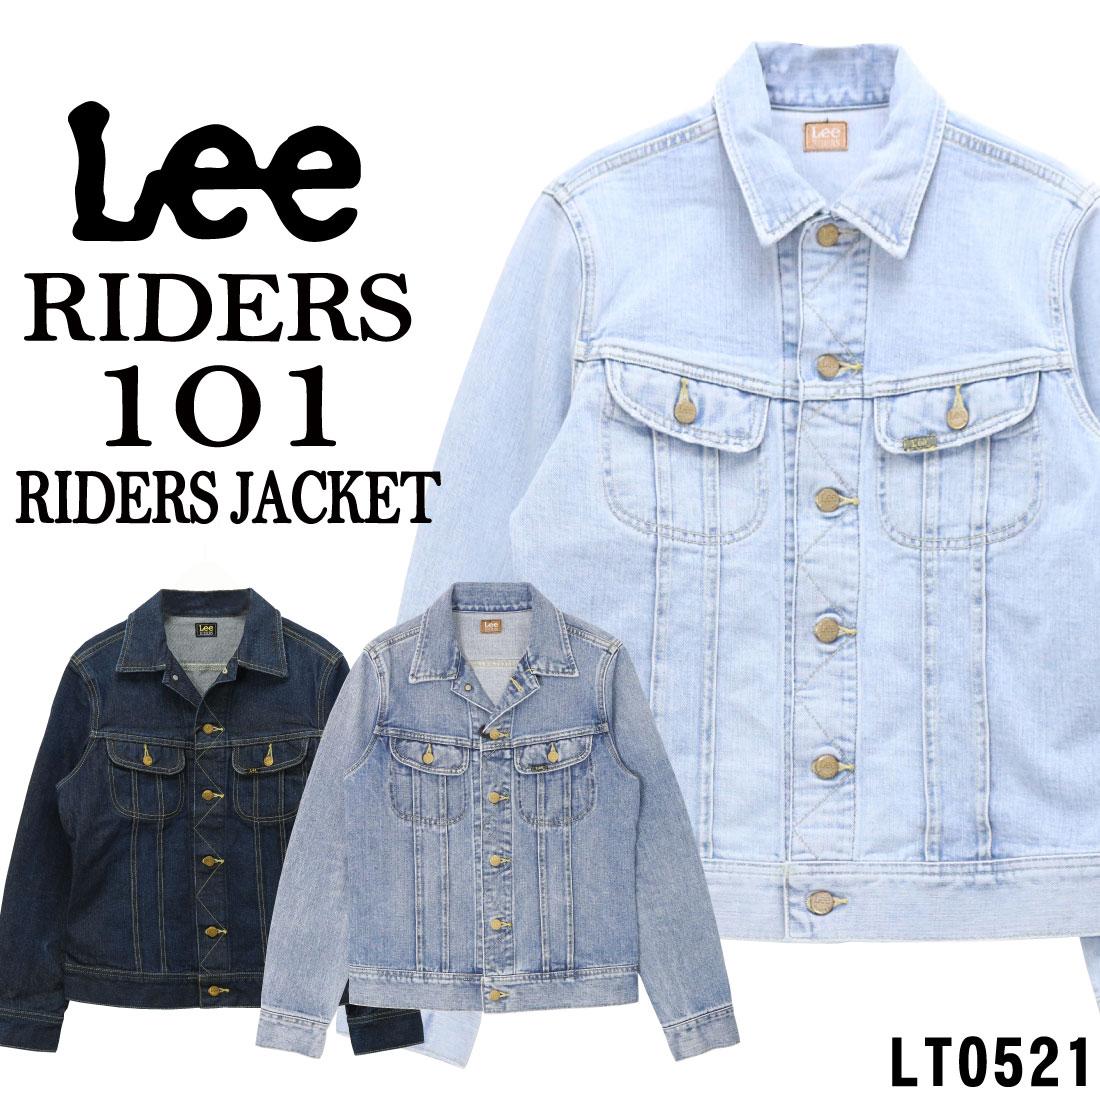 Lee リー 101J ライダースジャケット ジージャン Gジャン デニム ジャケット LT0521 126 156 166 ユーズド加工 メンズ アウター